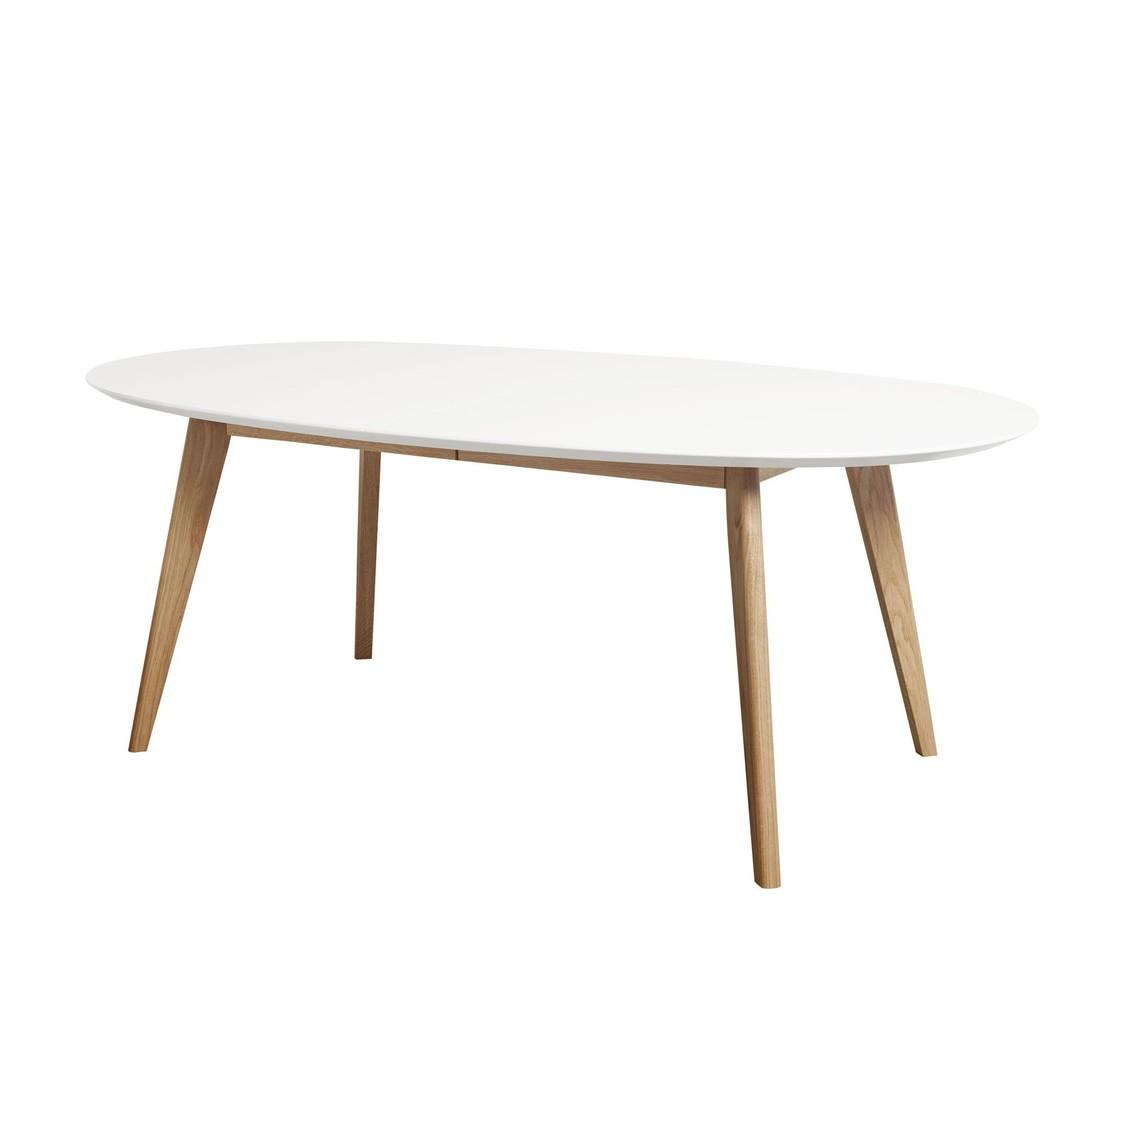 andersen furniture dk10 esstisch ausziehbar beine massivholz ambientedirect. Black Bedroom Furniture Sets. Home Design Ideas